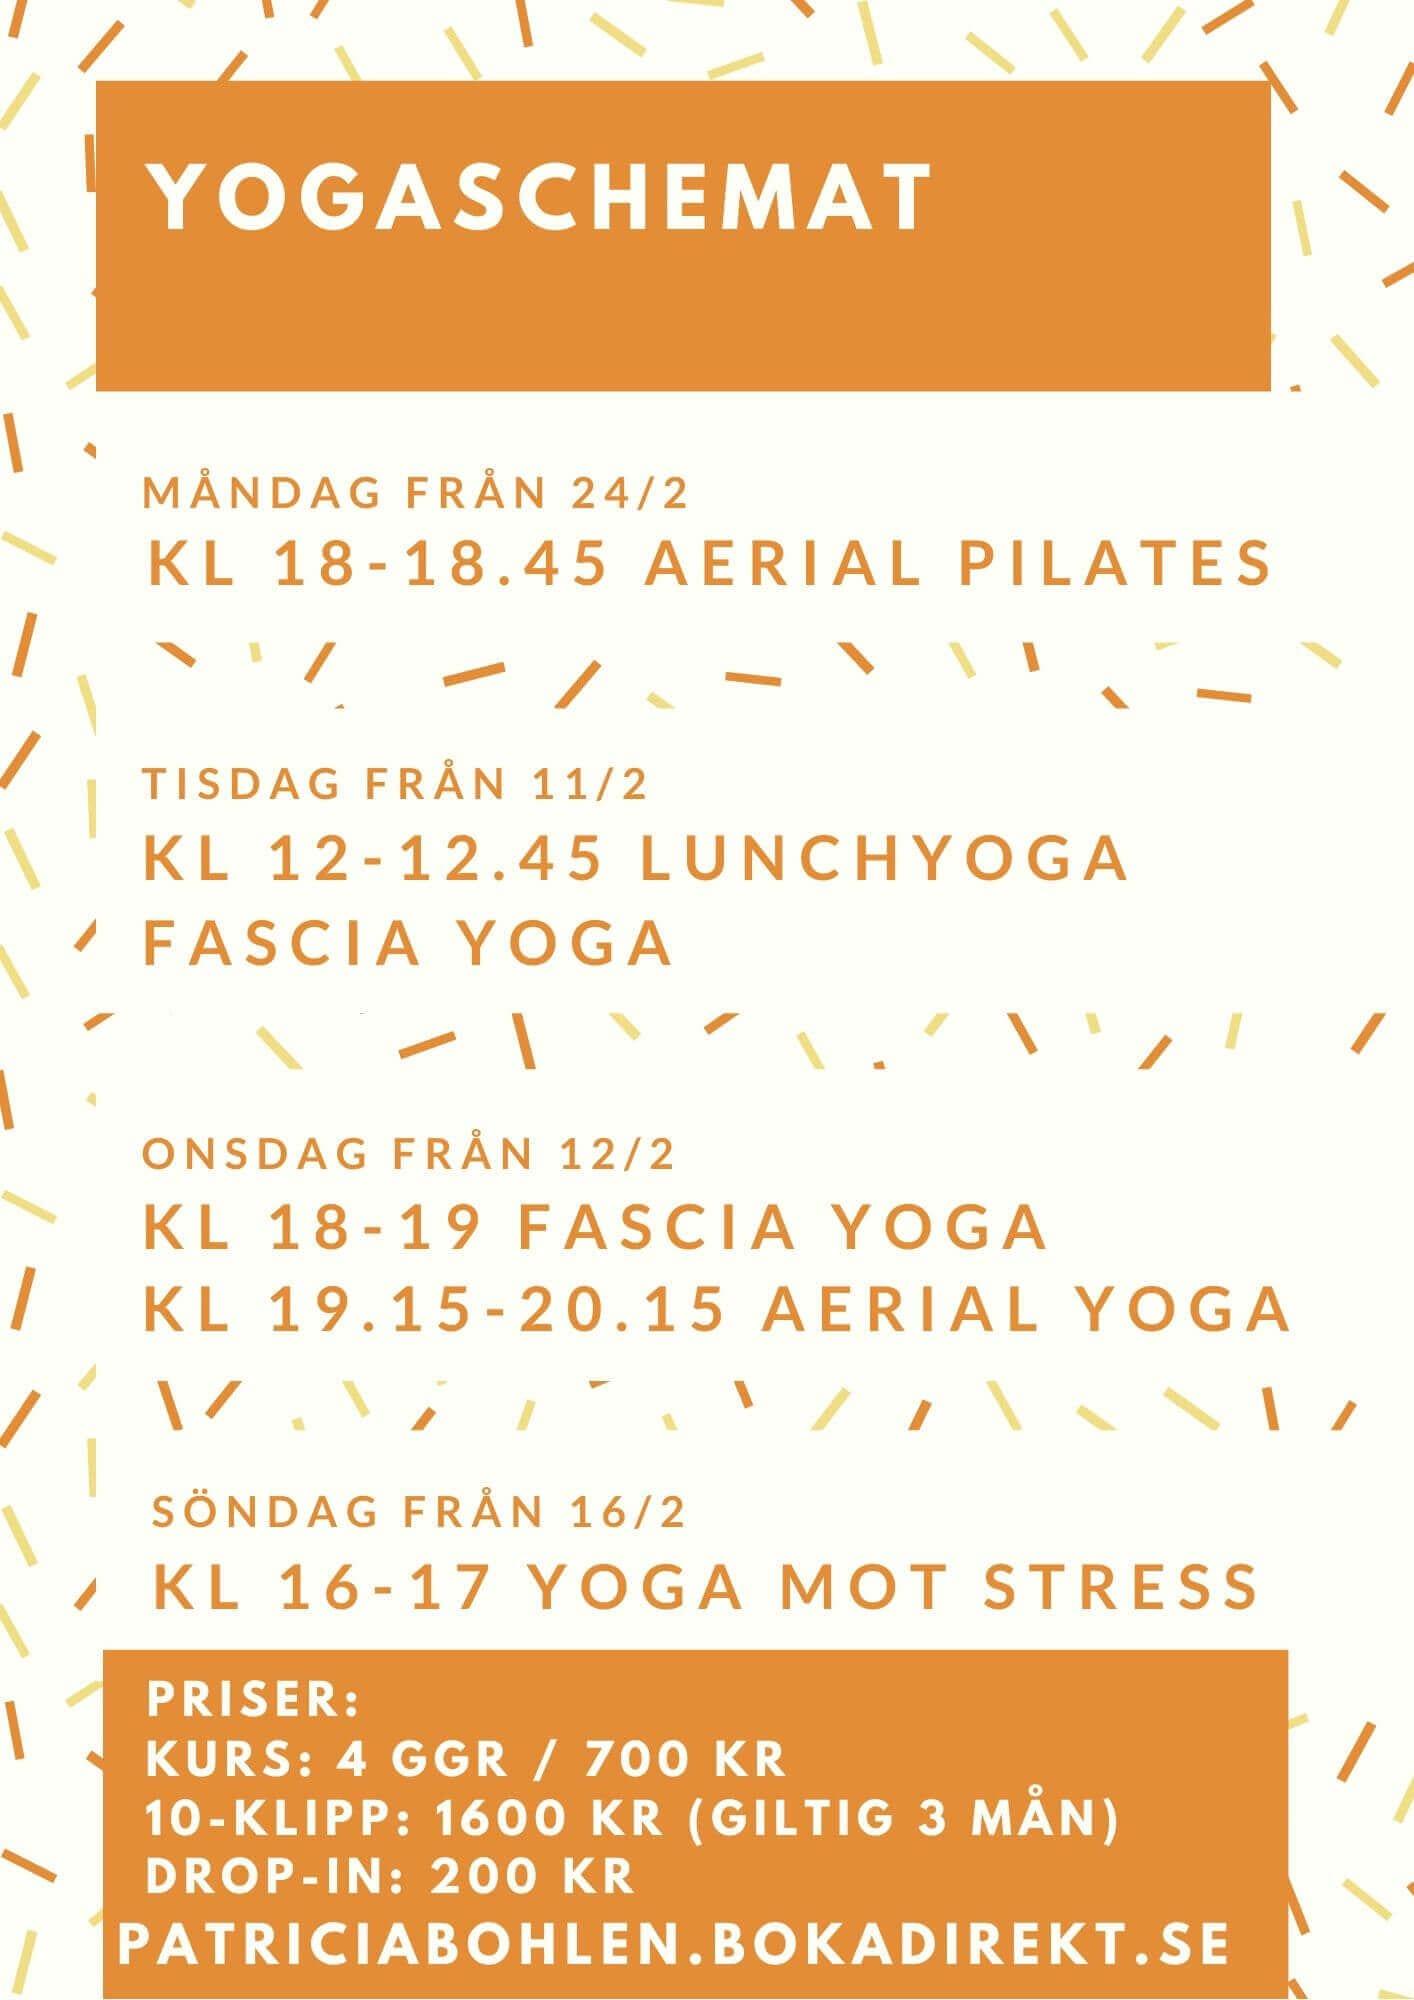 yogaschemat